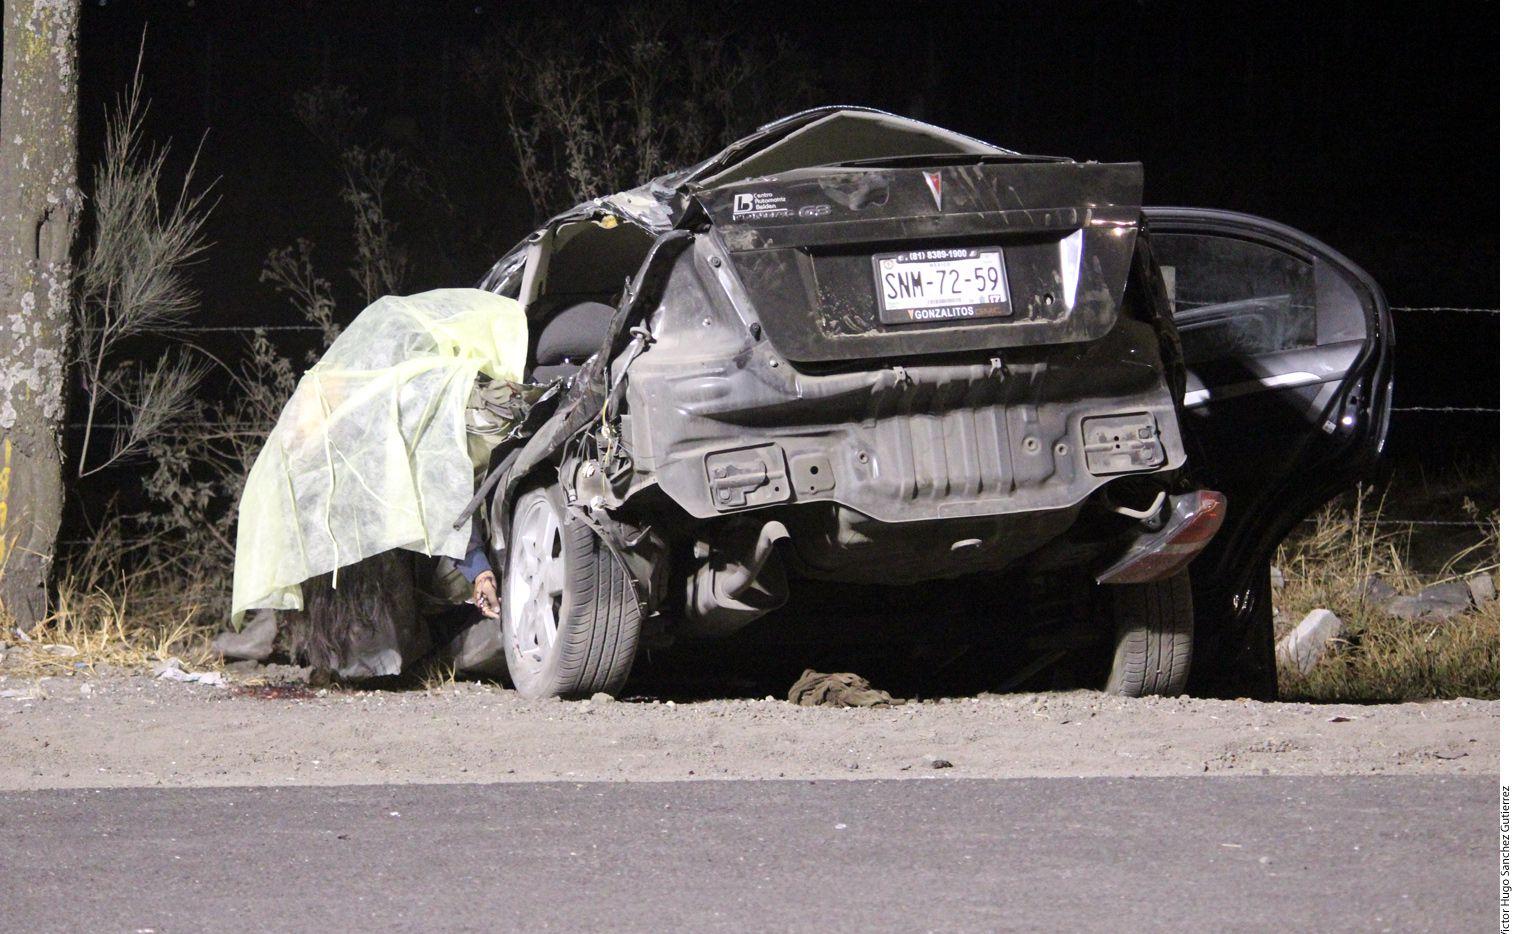 La Procuraduría de Justicia confirmó que quien conducía el Pontiac, placas SNM-7259, del Estado de México, era Luis Eduardo, de 12 años de edad./ AGENCIA REFORMA